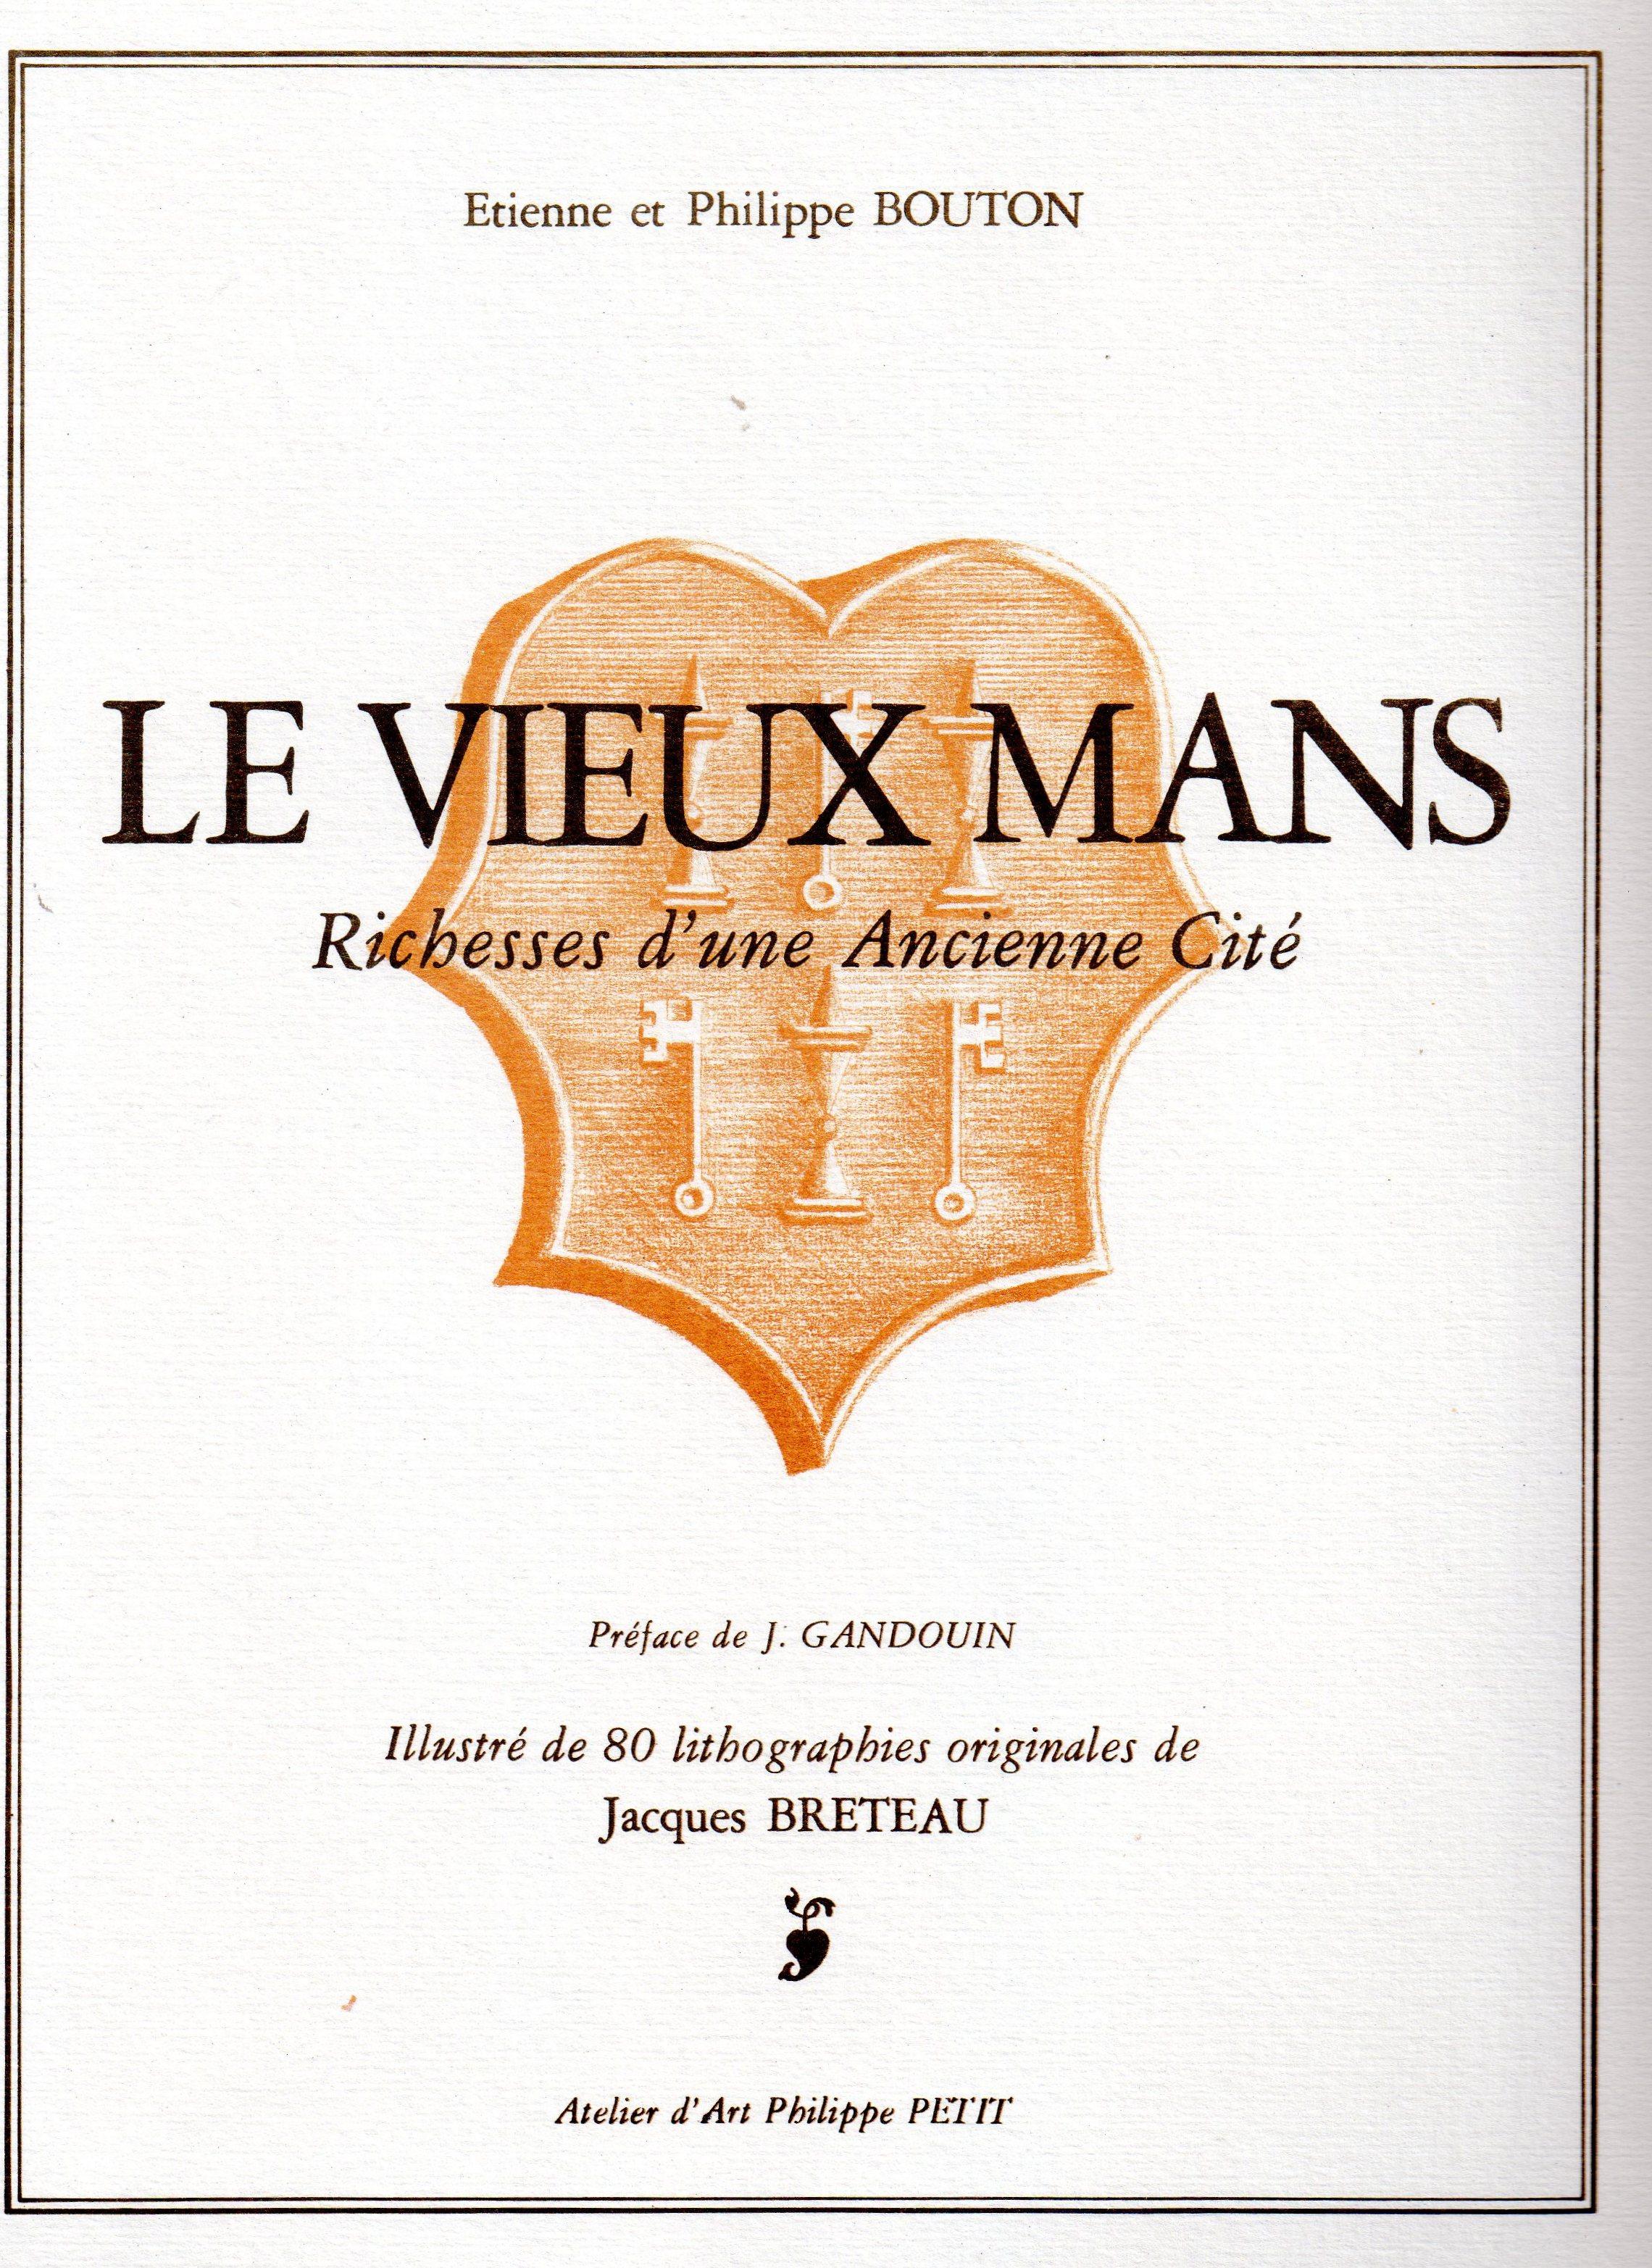 https://www.blog4ever-fichiers.com/2015/02/794874/Le-Vieux-Mans--cote-6031.jpg